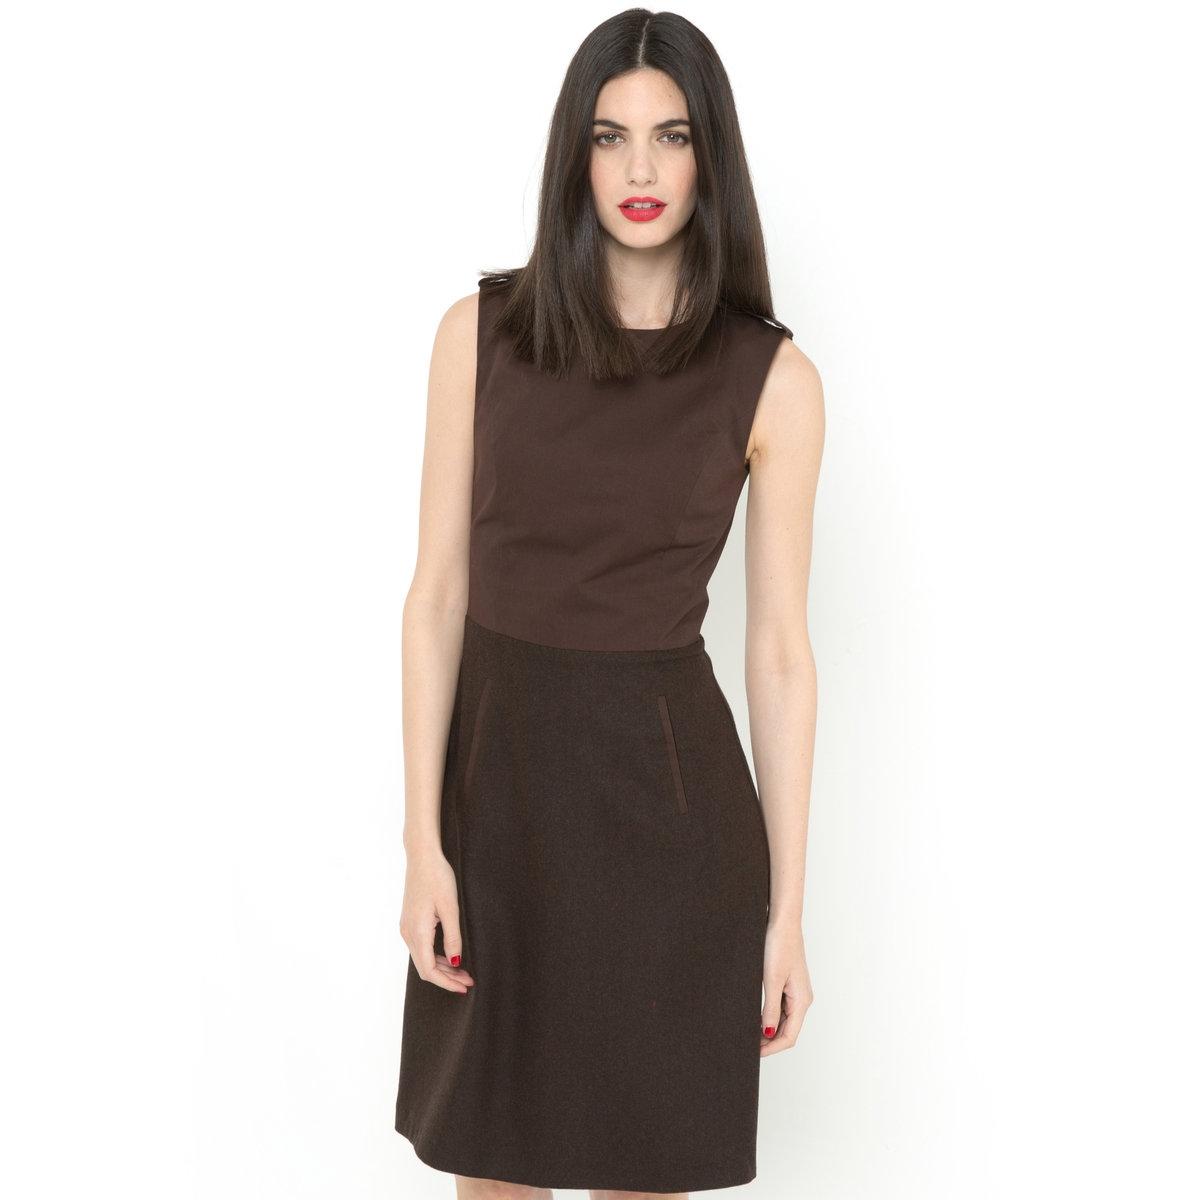 Платье без рукавов из двух материаловВерх 100% хлопка на сатиновой подкладке 100% полиэстера. Круглый вырез . Планки с металлической пуговицей золотистого цвета на плечах . Отрезные детали спереди и сзади .   Застежка на скрытую молнию на спинке . Отрезное по талии . Низ 35% акрила, 31% шерсти, 27% полиэстера, 4% вискозы, 3% полиамидаe. Расклешенная юбка . 2 кармана с отделкой бейкой. Длина 95 см .<br><br>Цвет: каштановый<br>Размер: 40 (FR) - 46 (RUS).42 (FR) - 48 (RUS).36 (FR) - 42 (RUS).44 (FR) - 50 (RUS)